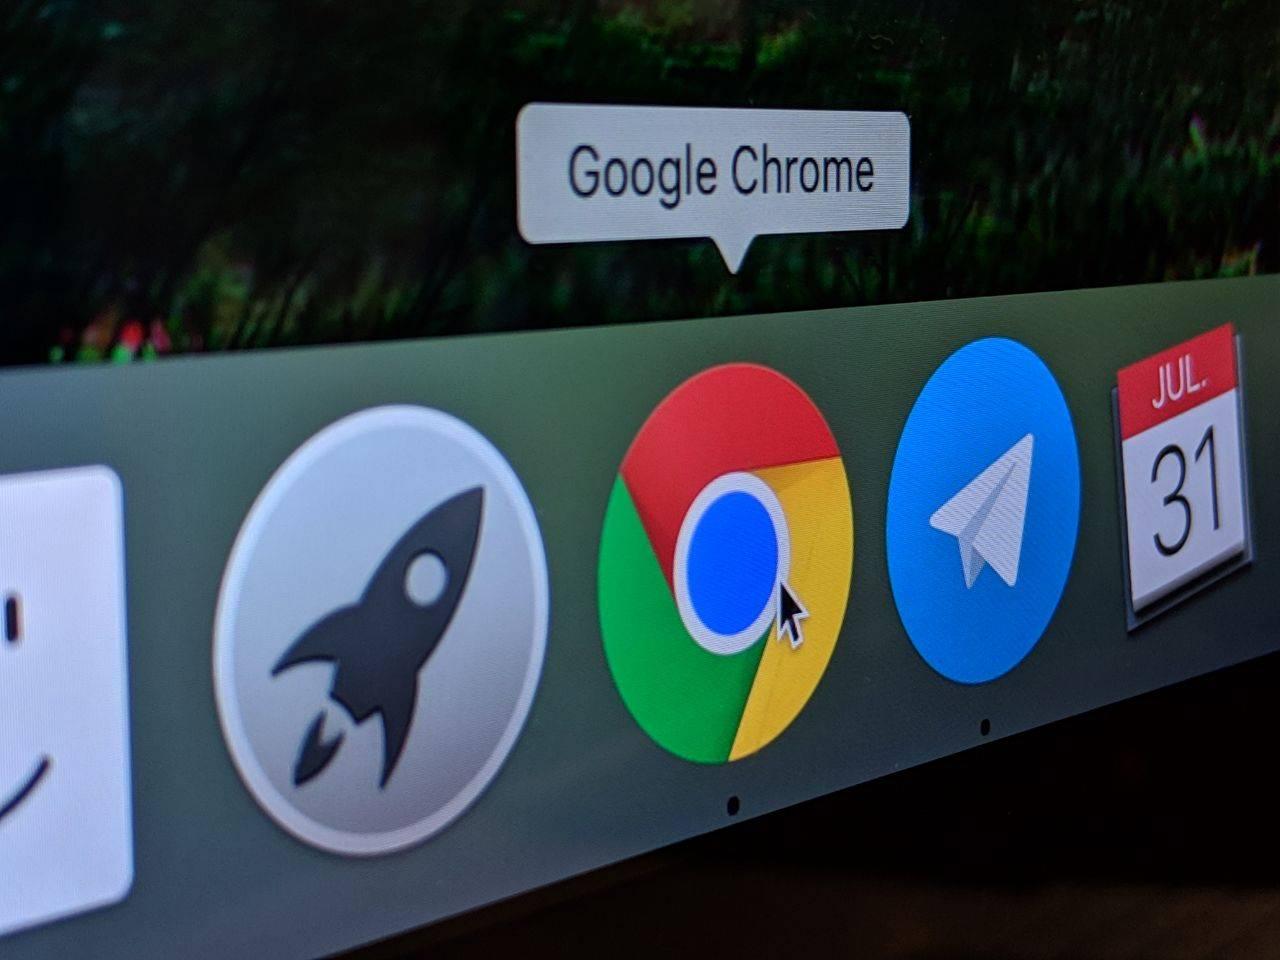 De cumpleaños: Google Chrome cumple 11 años y acá te contamos sus principales avancesfecto